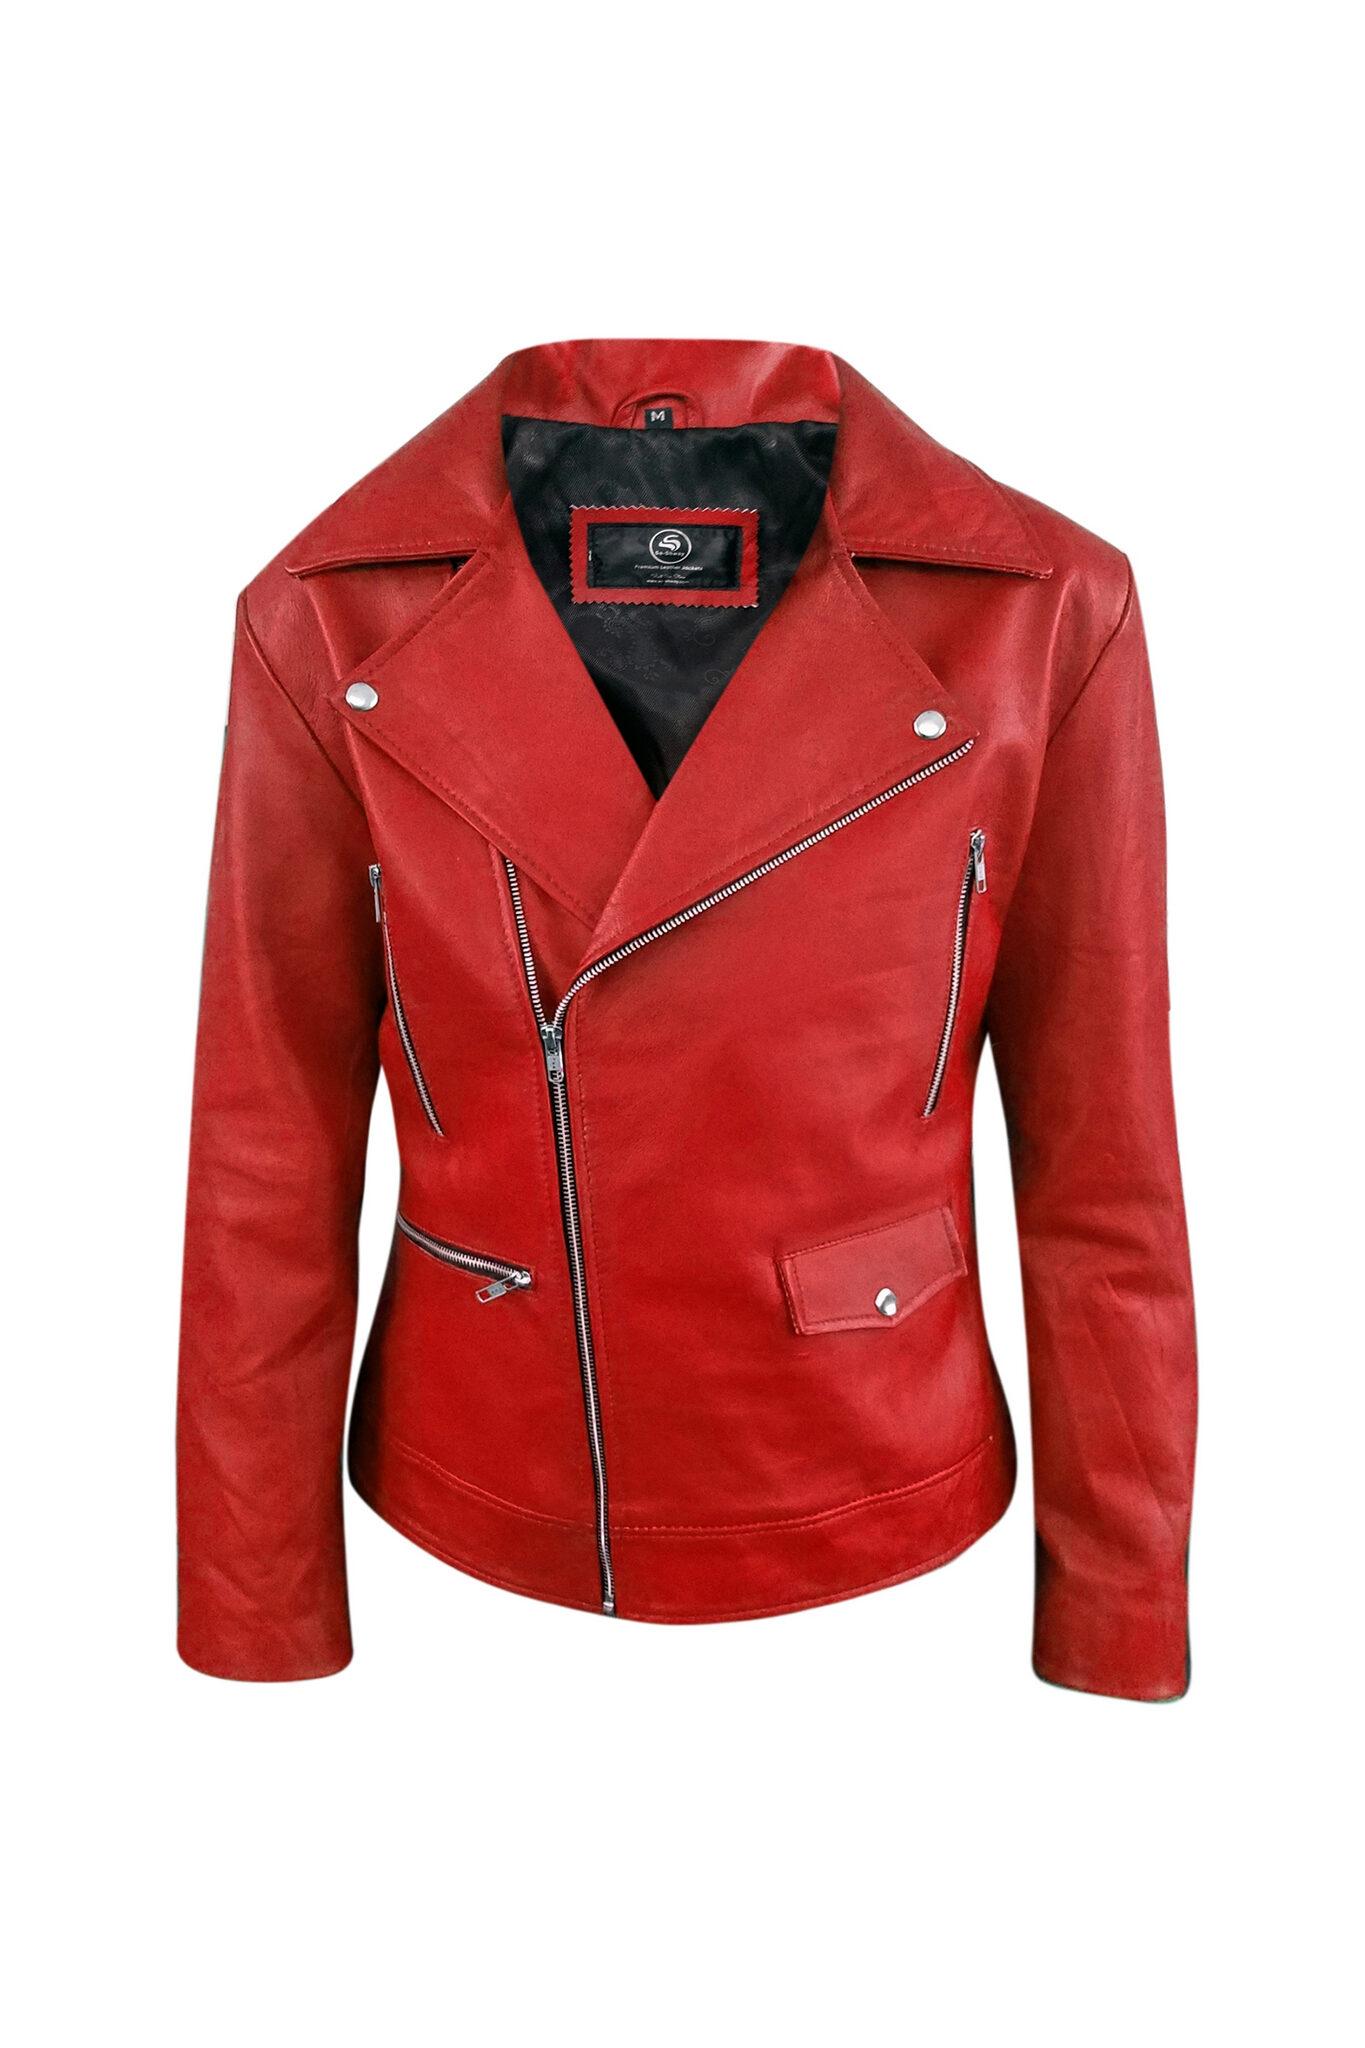 Mens-Red-Biker-Leather-Jacket-1